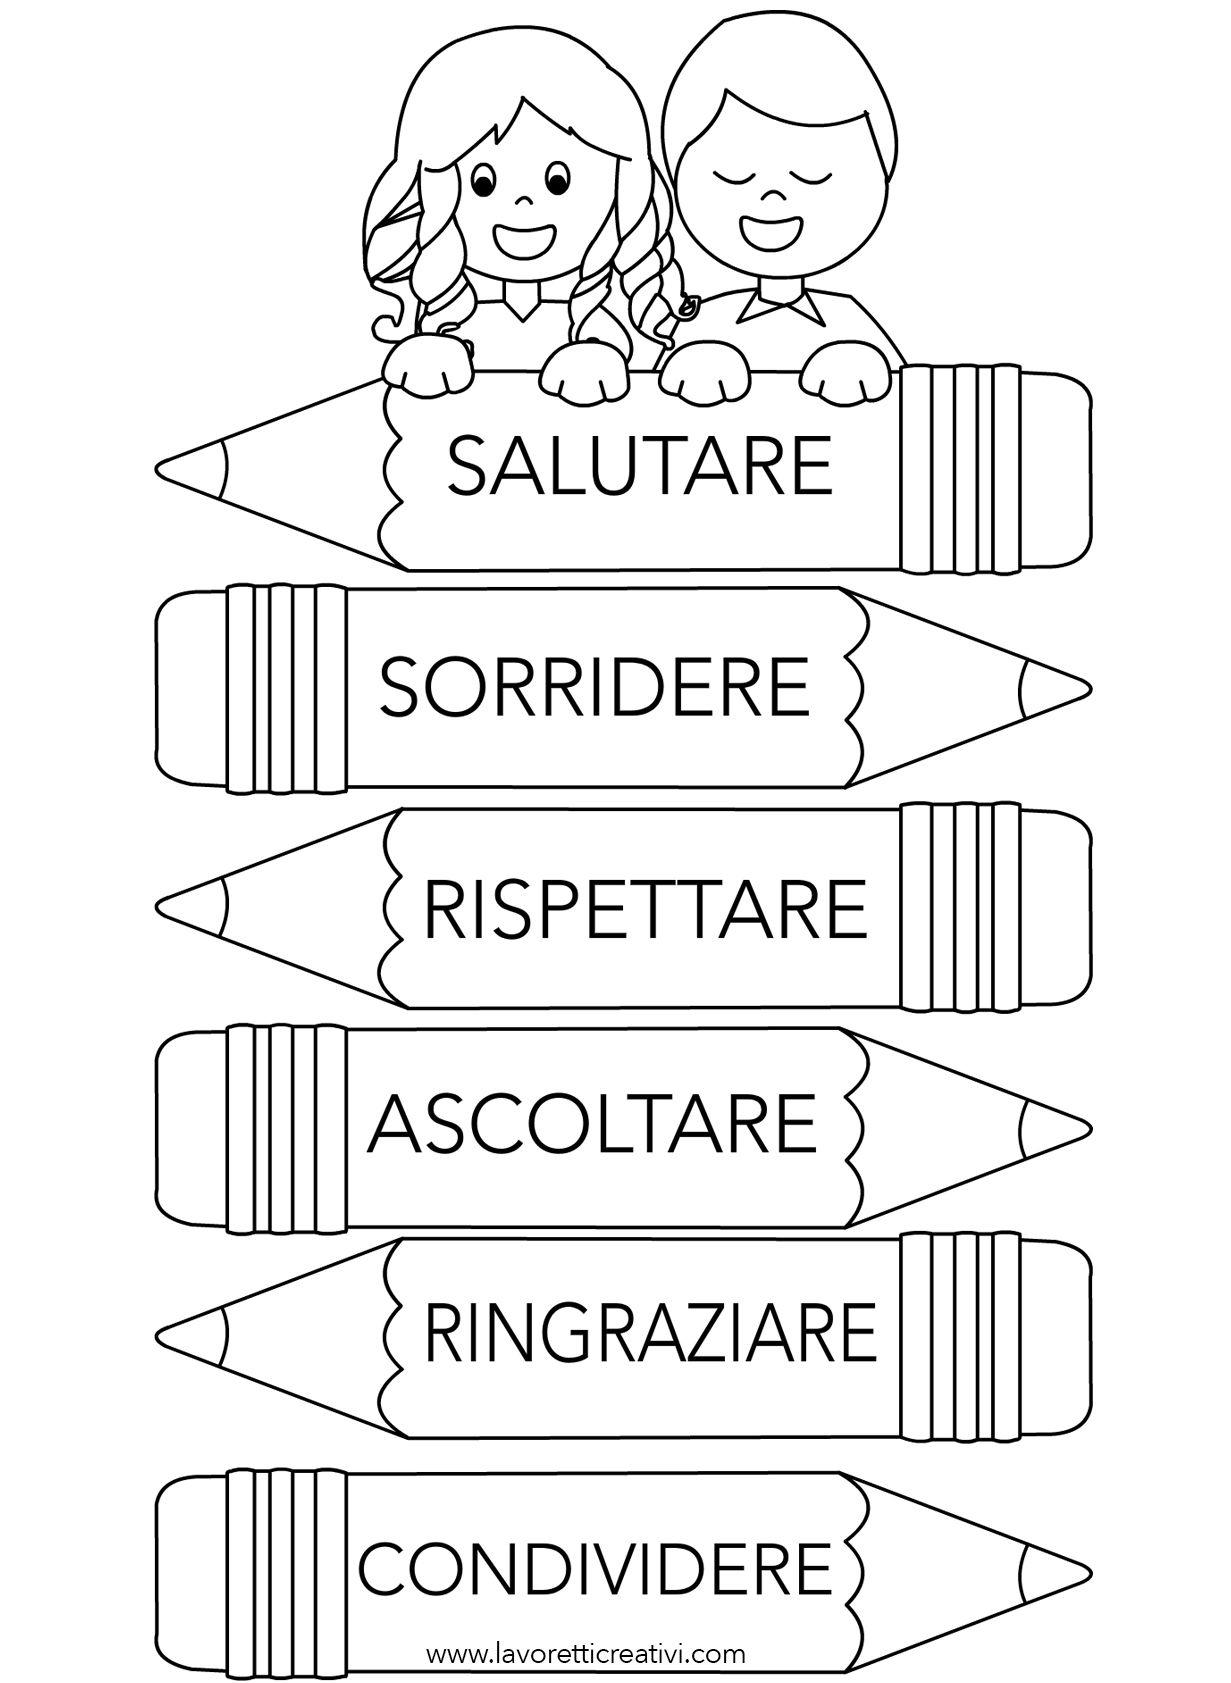 Cartello con regole di comportamento scuola bacheche for Idee per cartelloni scuola infanzia